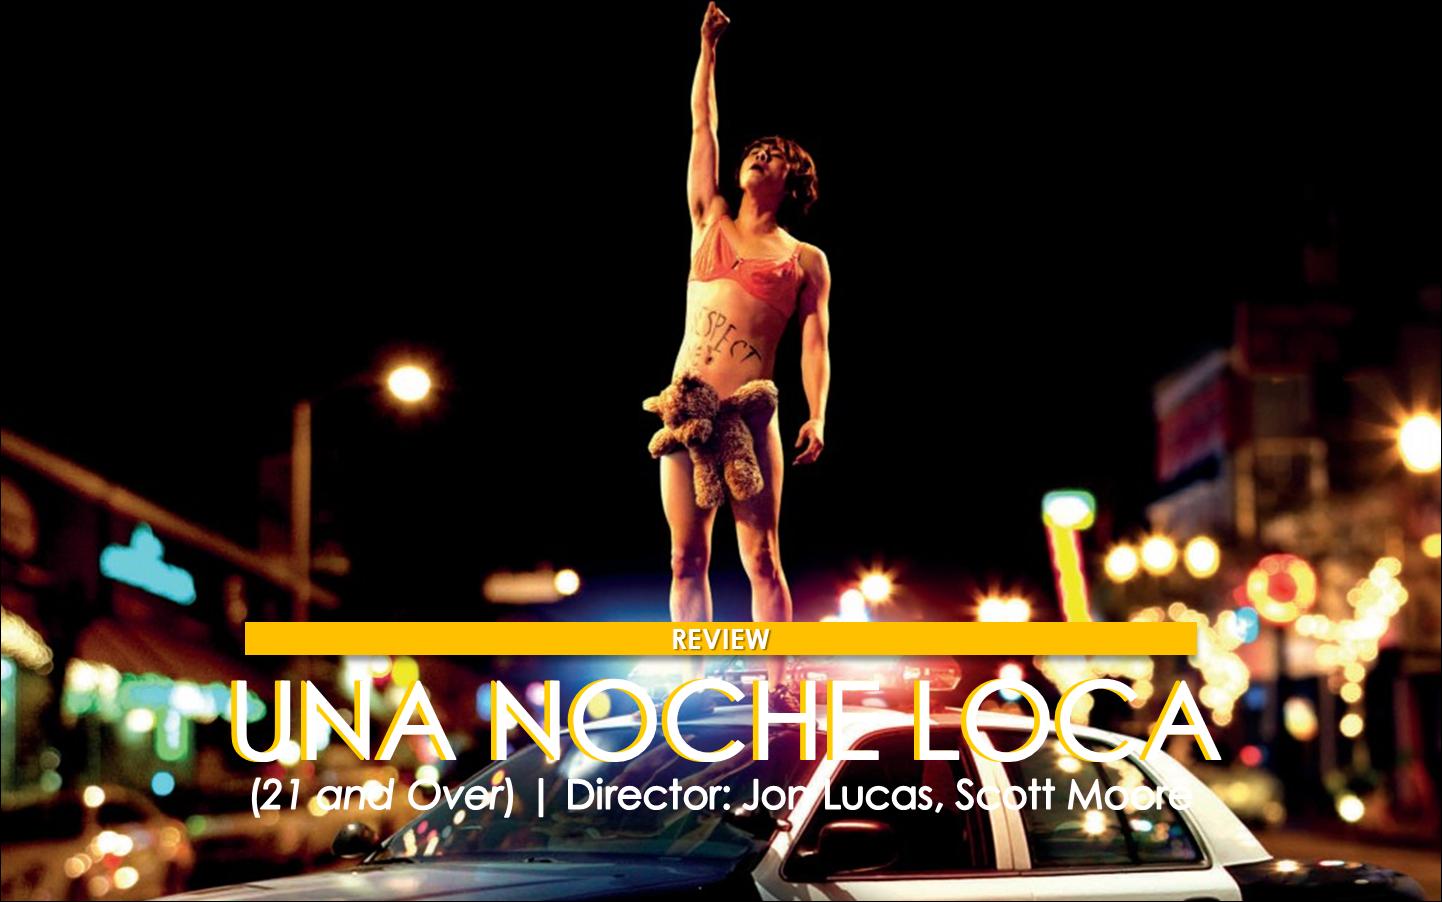 El proyector mx una noche loca 21 and over dir jon for Divan una noche loca